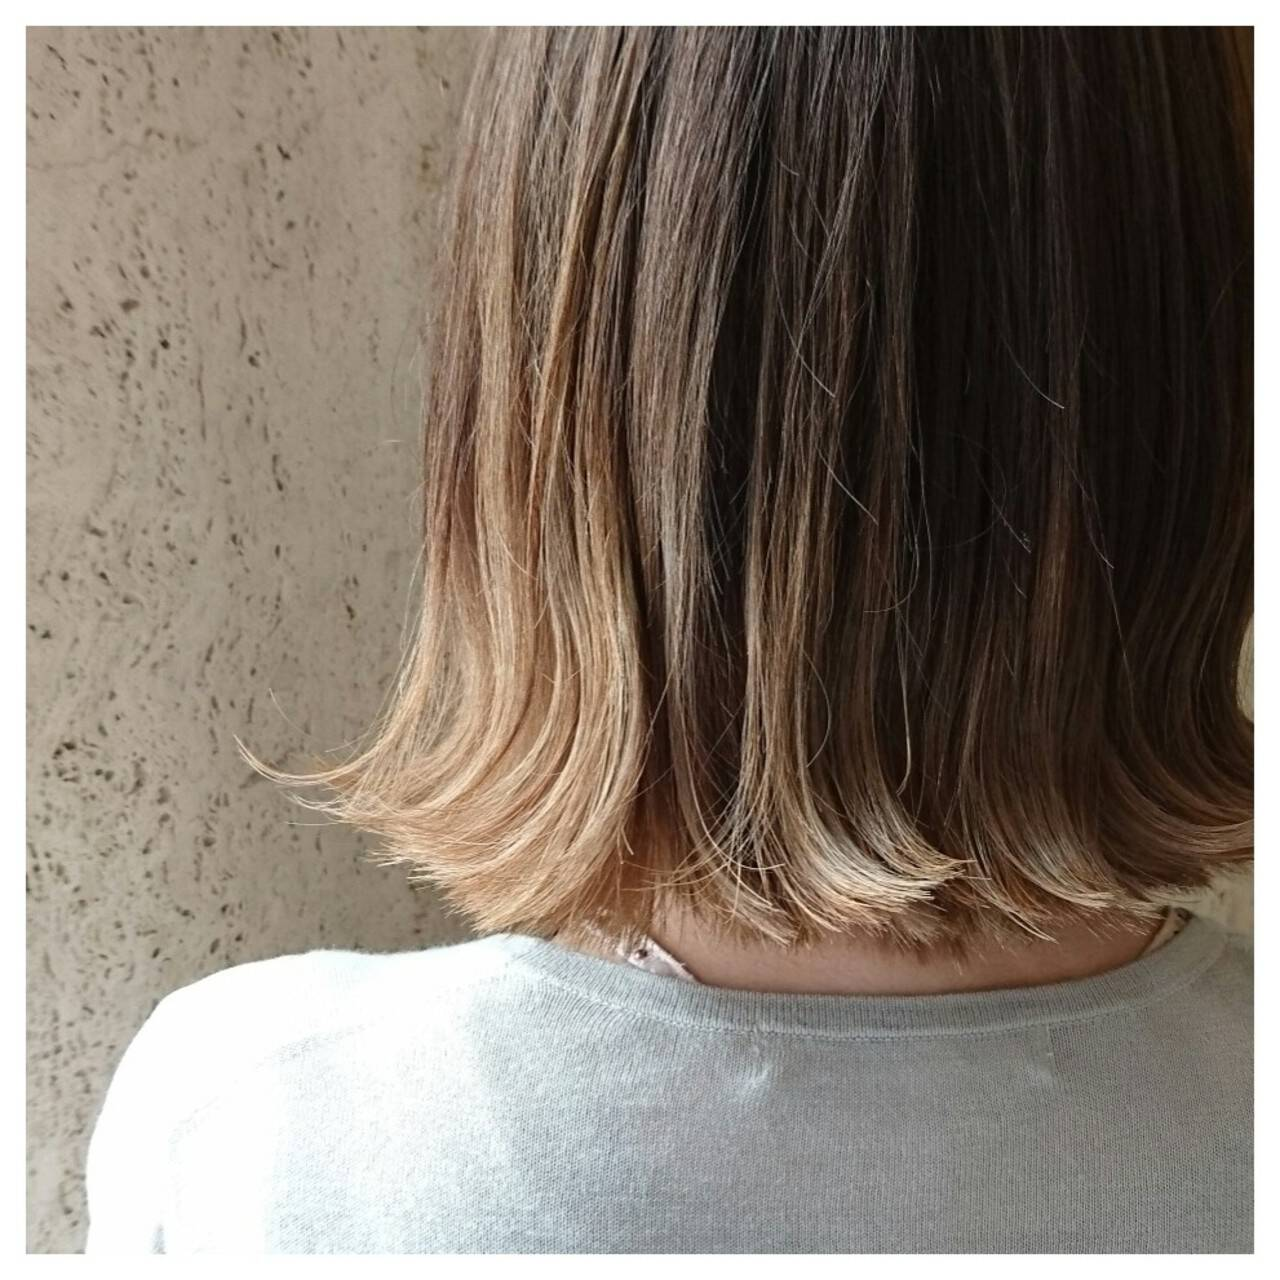 ボブ ストレート グラデーションカラー イルミナカラーヘアスタイルや髪型の写真・画像